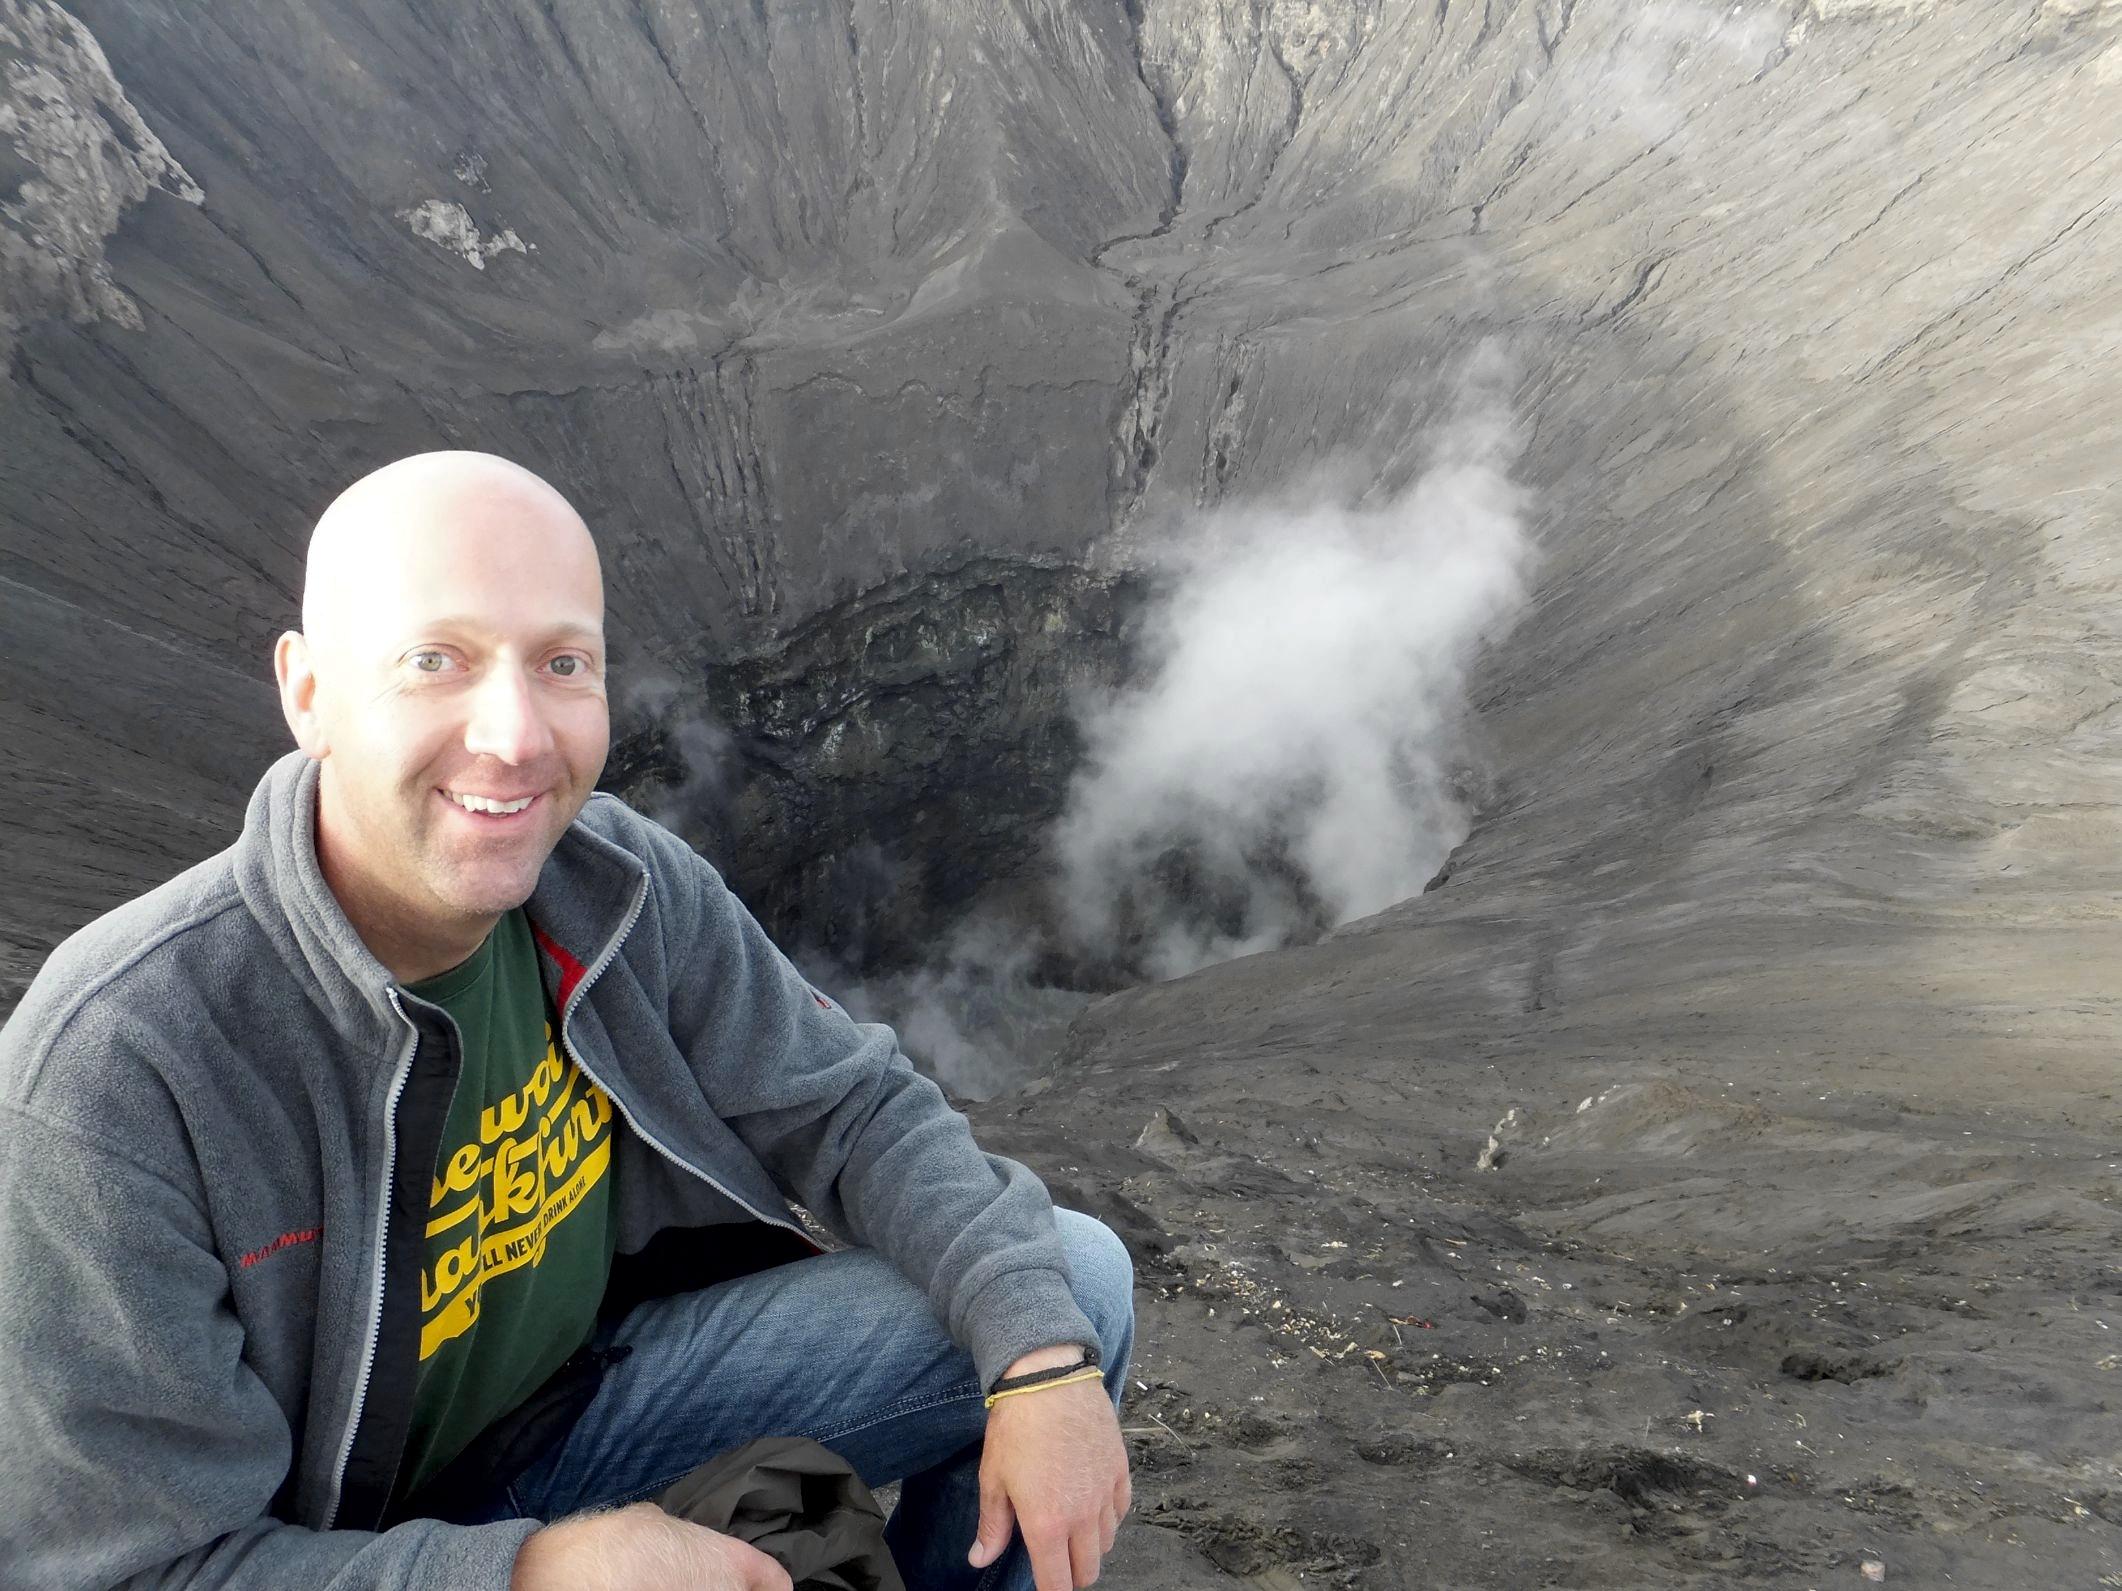 Rauch am Mount Bromo auf Java